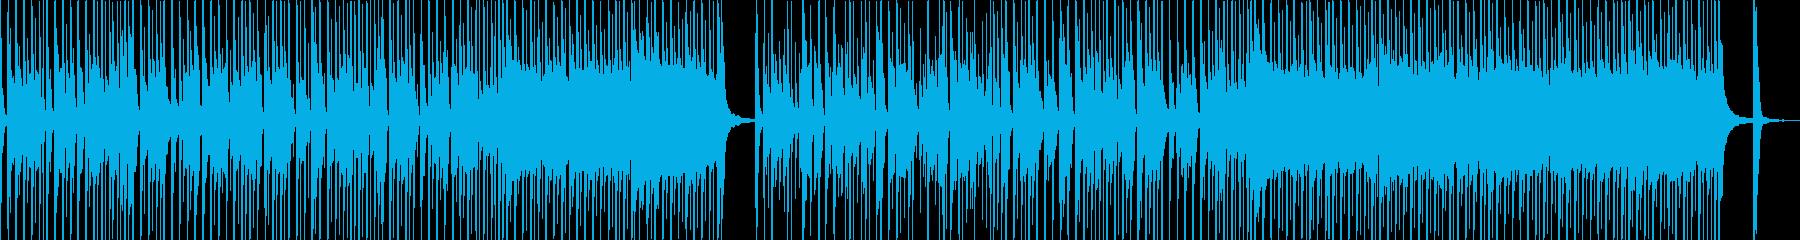 グルーヴ感溢れるファンク調セッションの再生済みの波形